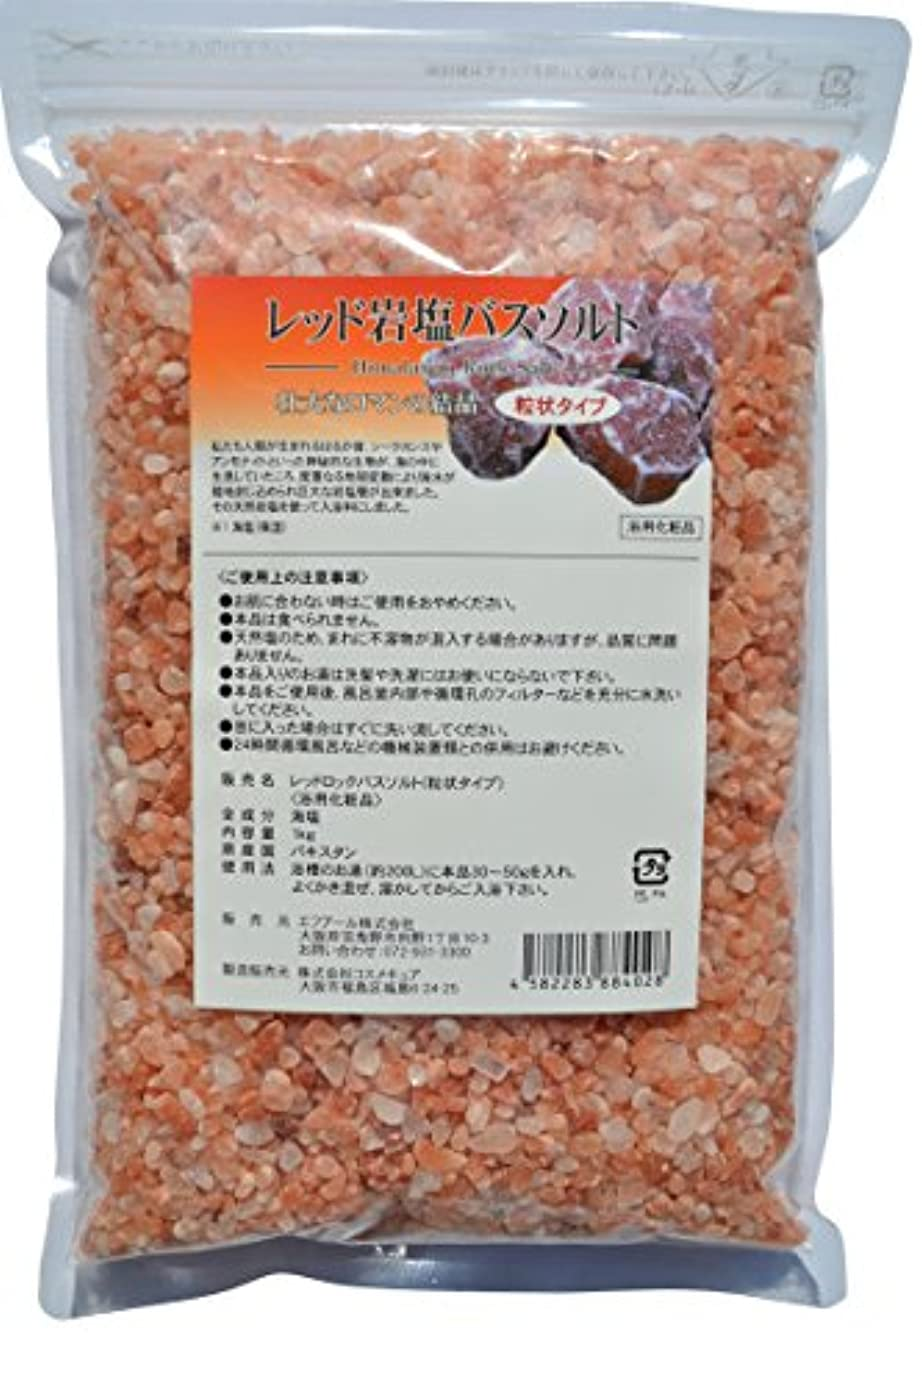 狐荒らすまともなレッド岩塩バスソルト粒状タイプ 1kg